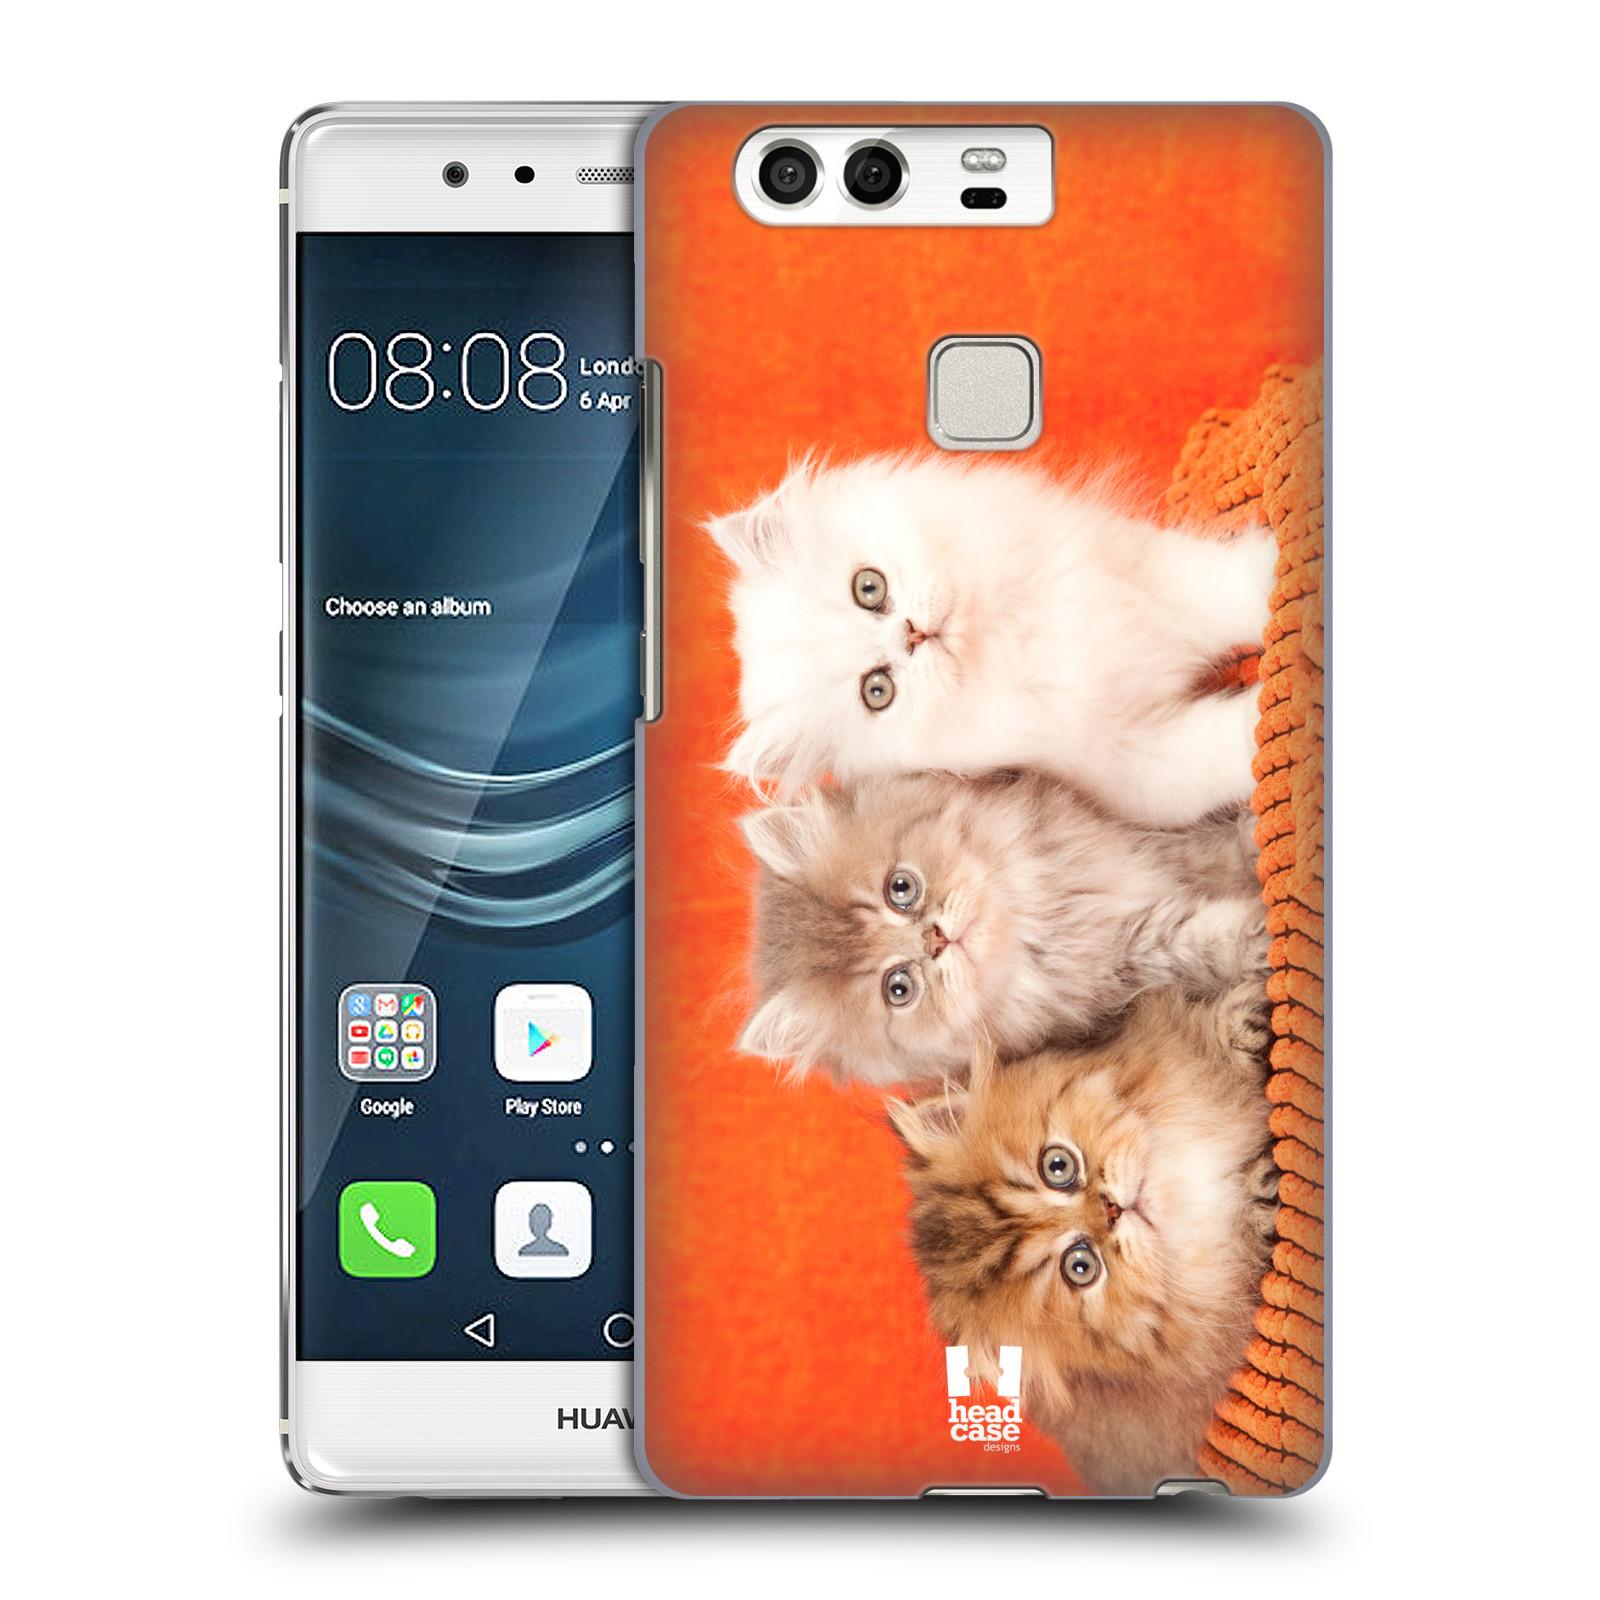 HEAD CASE plastový obal na mobil Huawei P9 / P9 DUAL SIM vzor Kočičky koťata foto 3 kočky